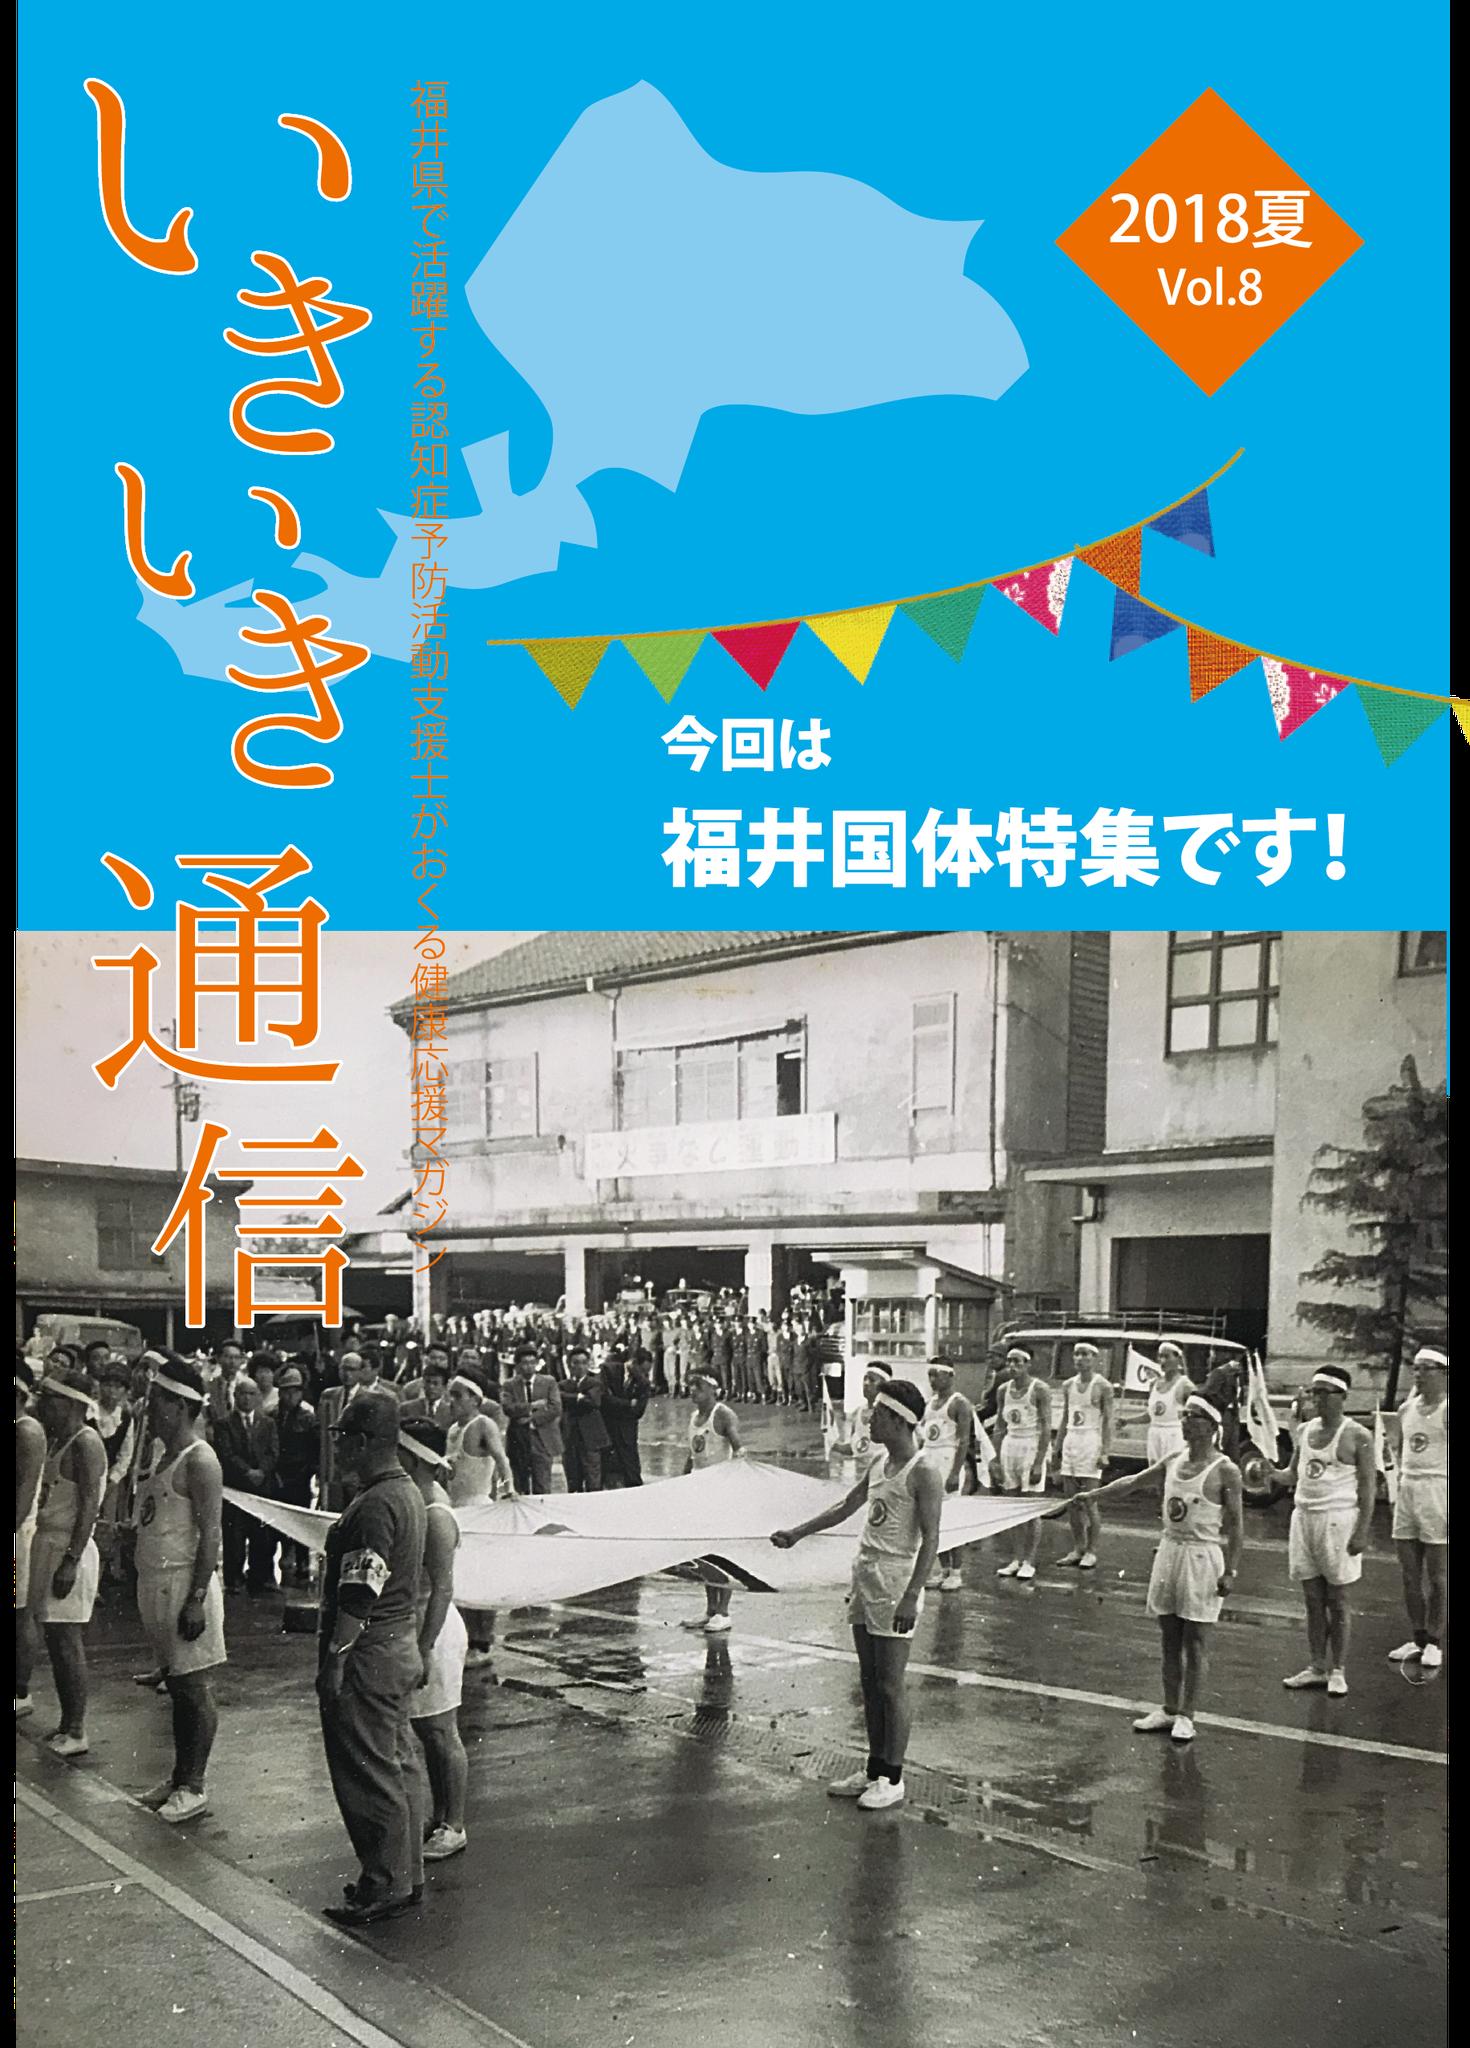 vol.8 表紙 福井県で活躍する認知症予防活動支援士が送る健康応援マガジン いきいき通信